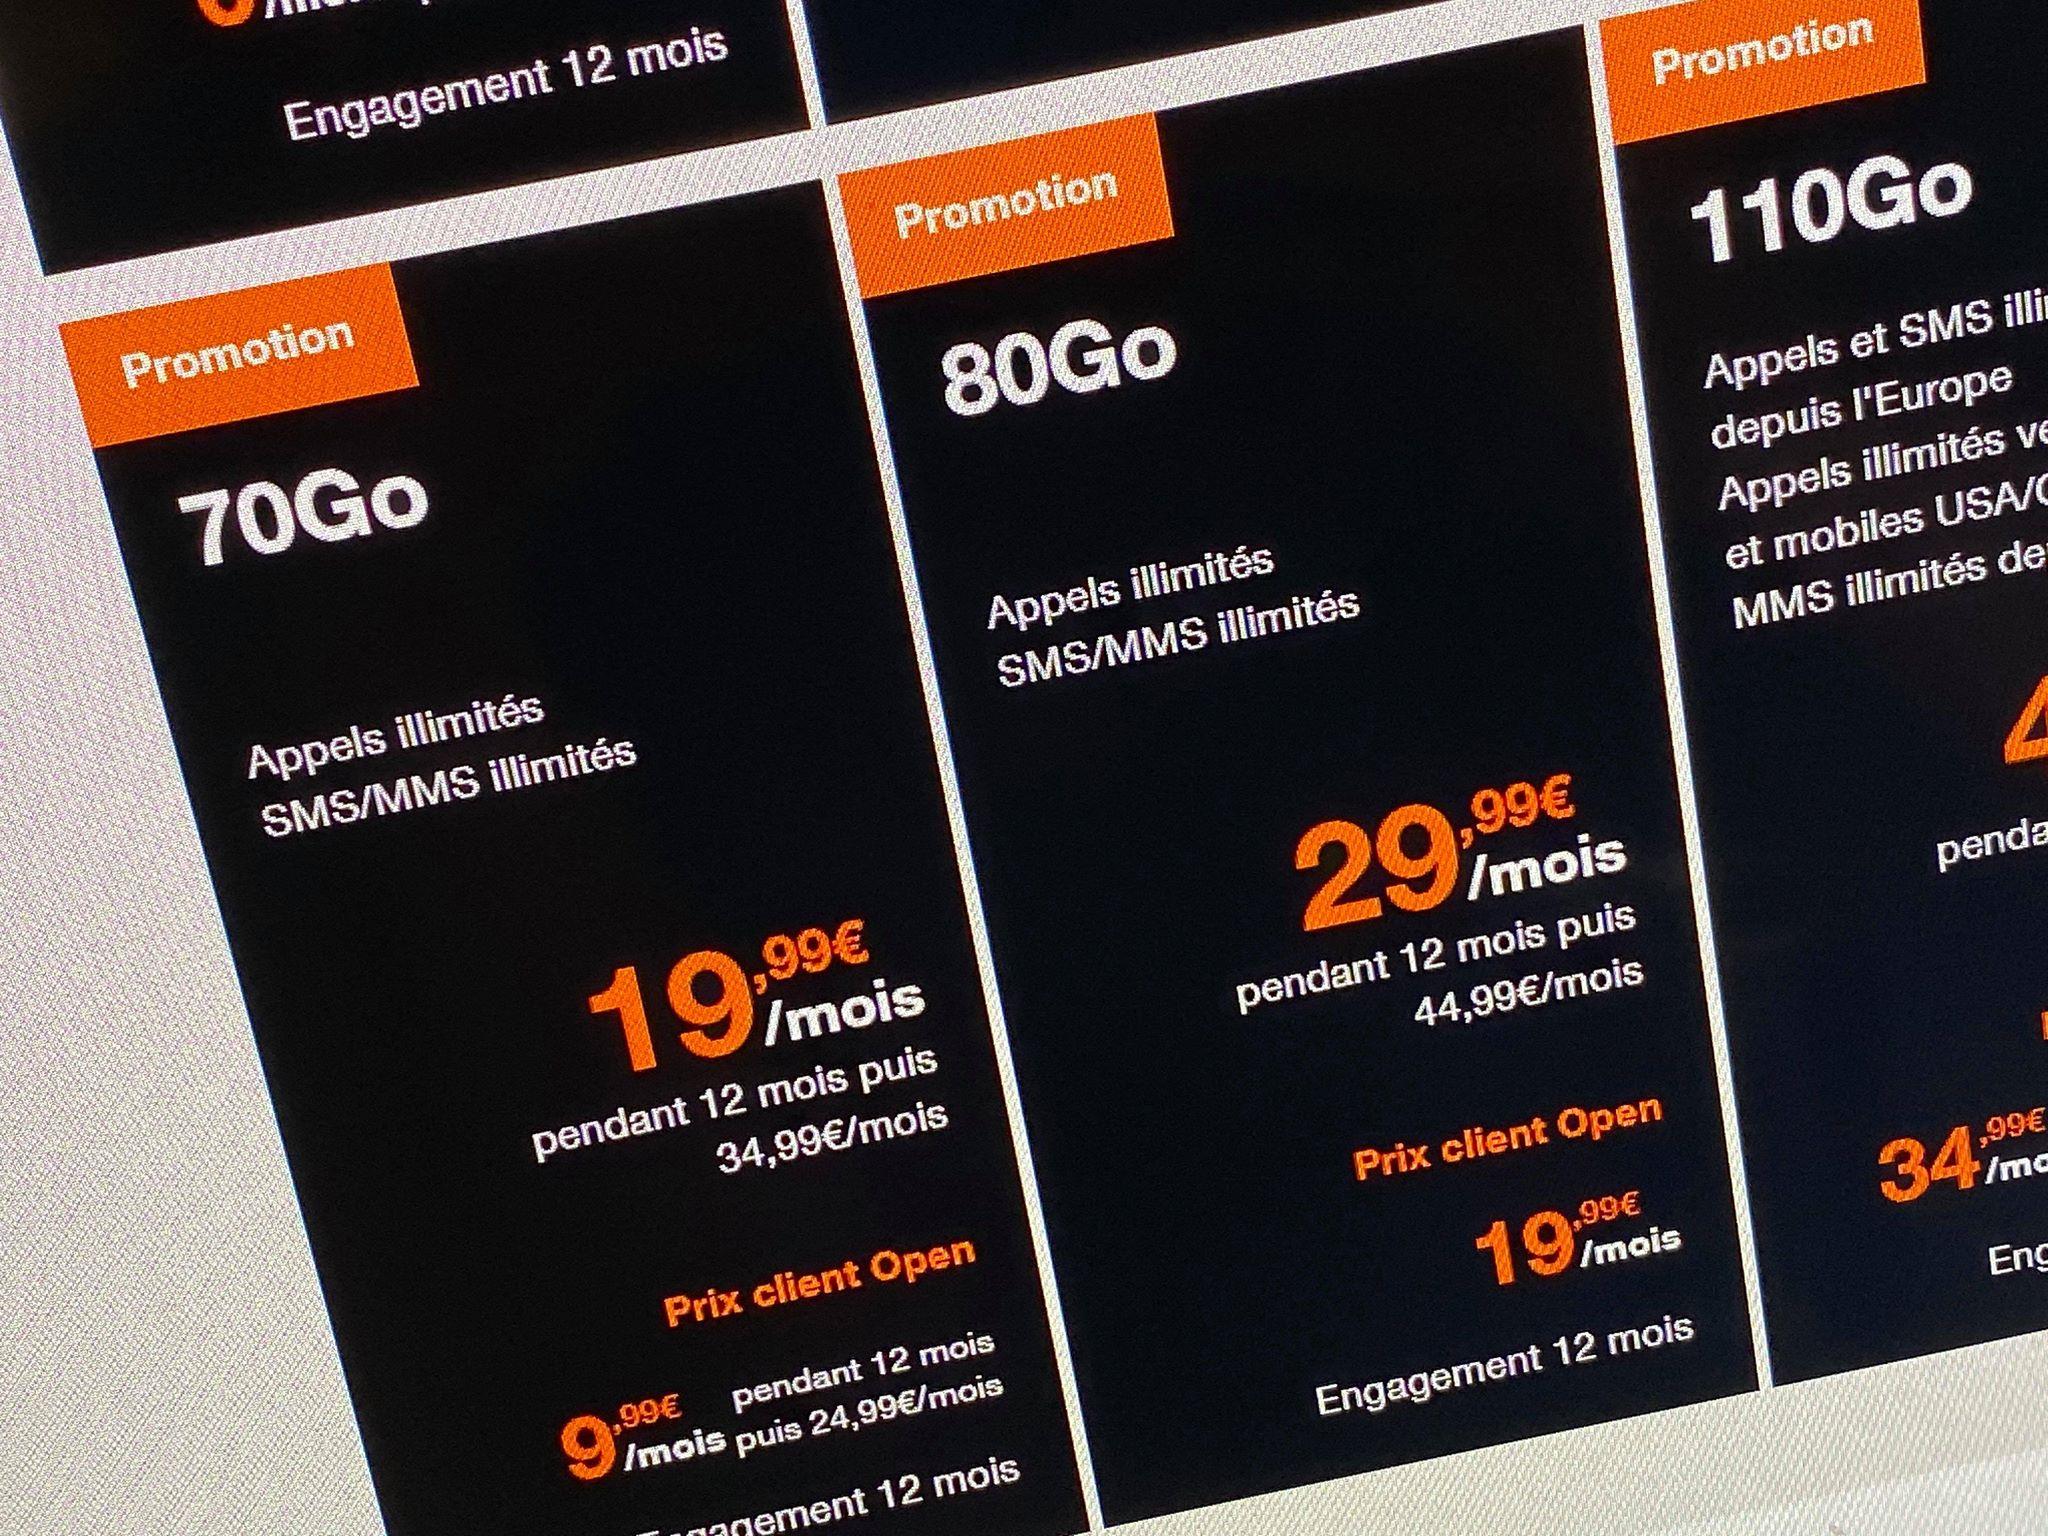 Orange ajoute 20 Go de 4G à certains forfaits sans changer leur prix